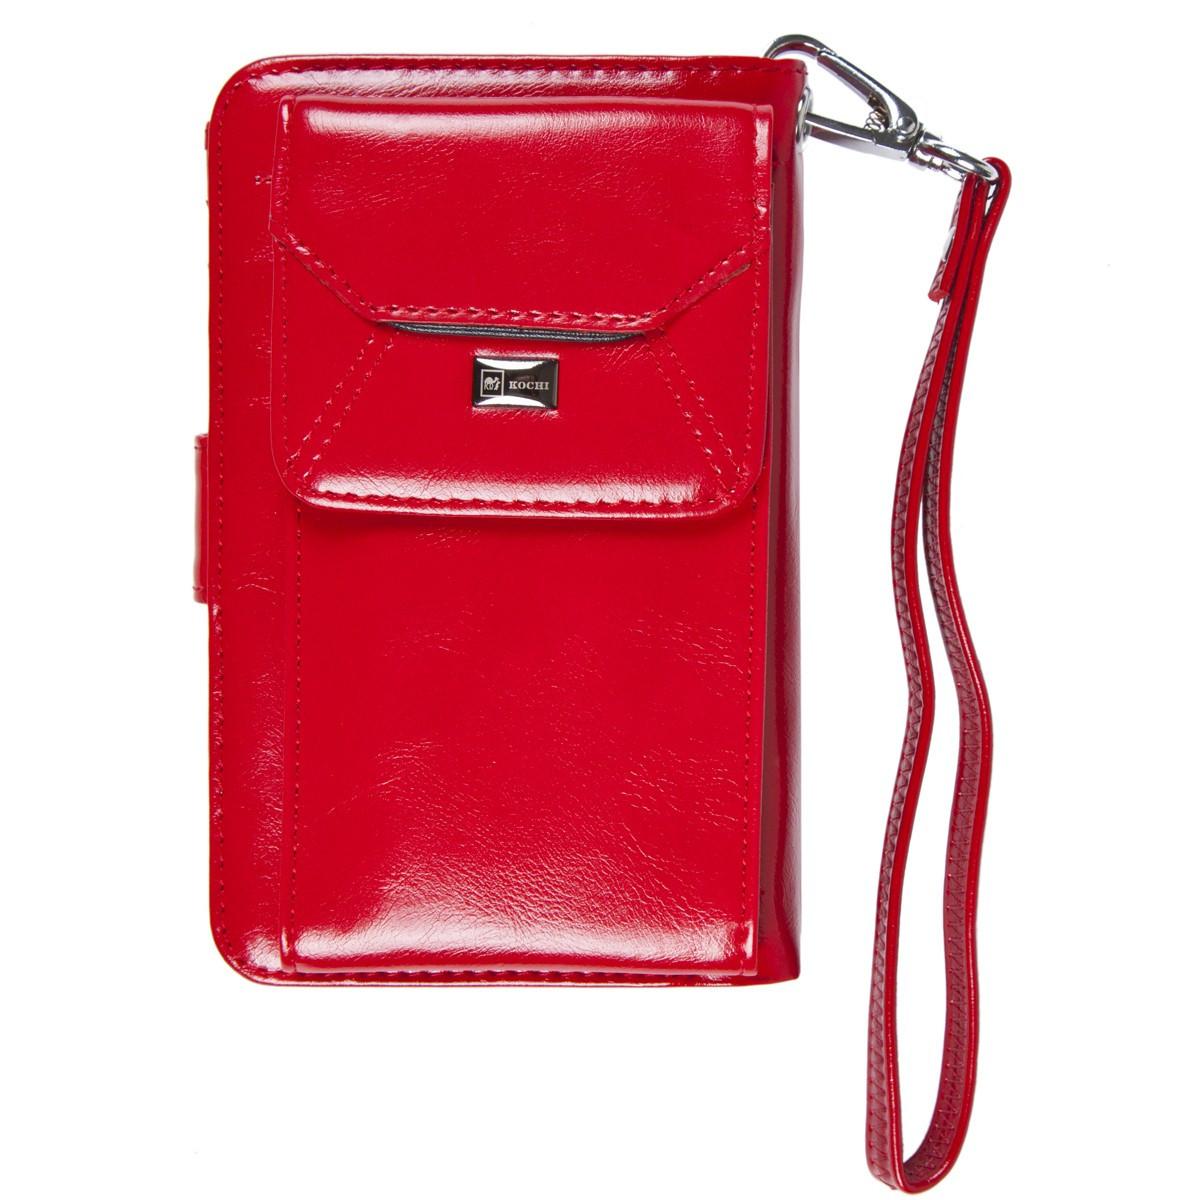 Барсетка-гаманець KOCHI 95х148х35 застібка кнопка коричнева  м 06-9004-3кор